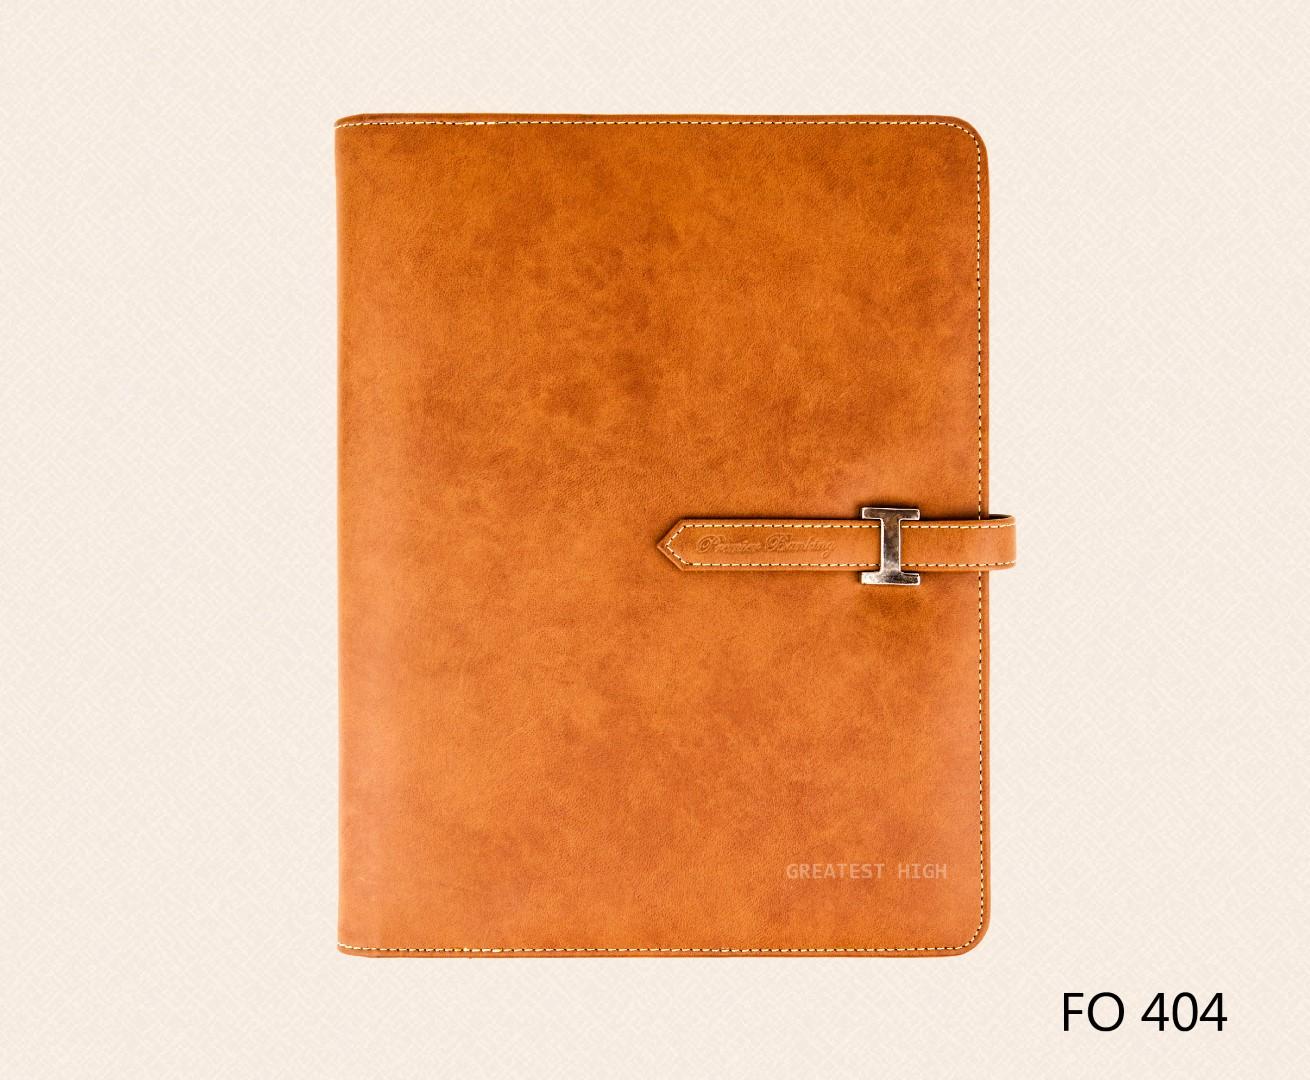 แฟ้มหนังเทียม แฟ้ม A4 Folder : FO 404